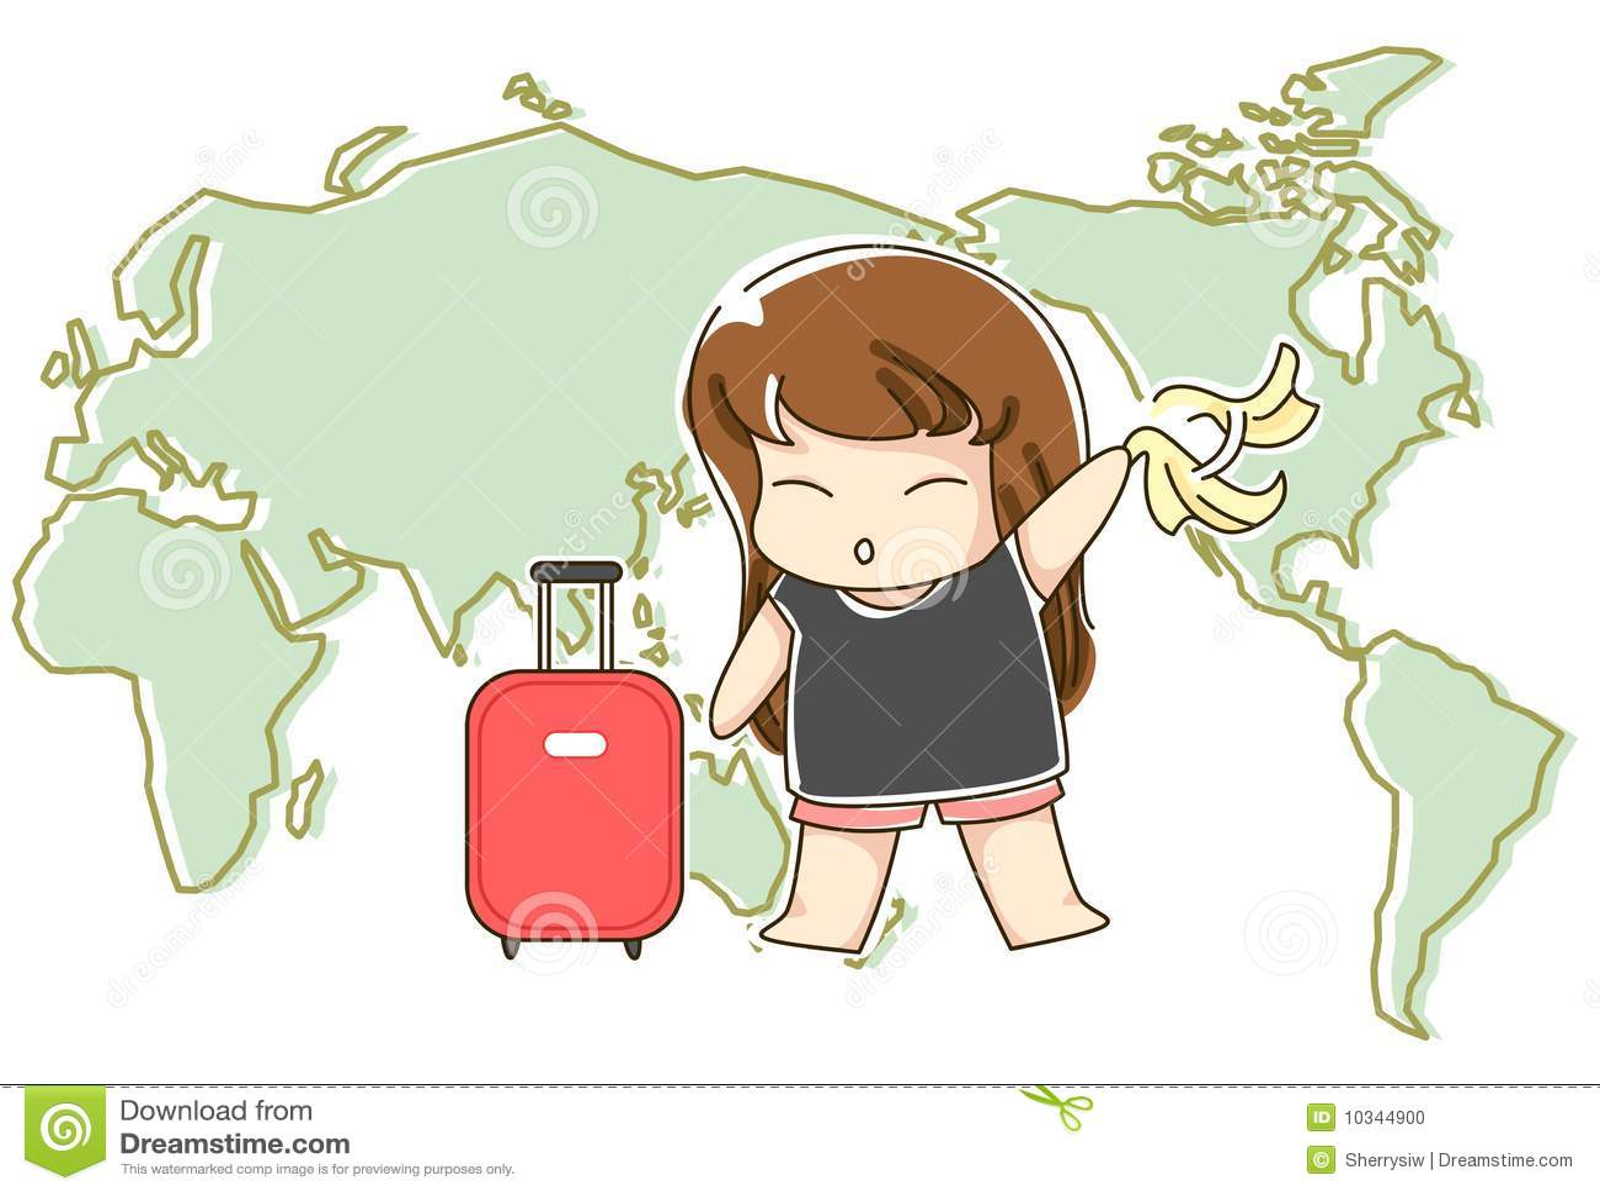 Girls Traveling Around the World